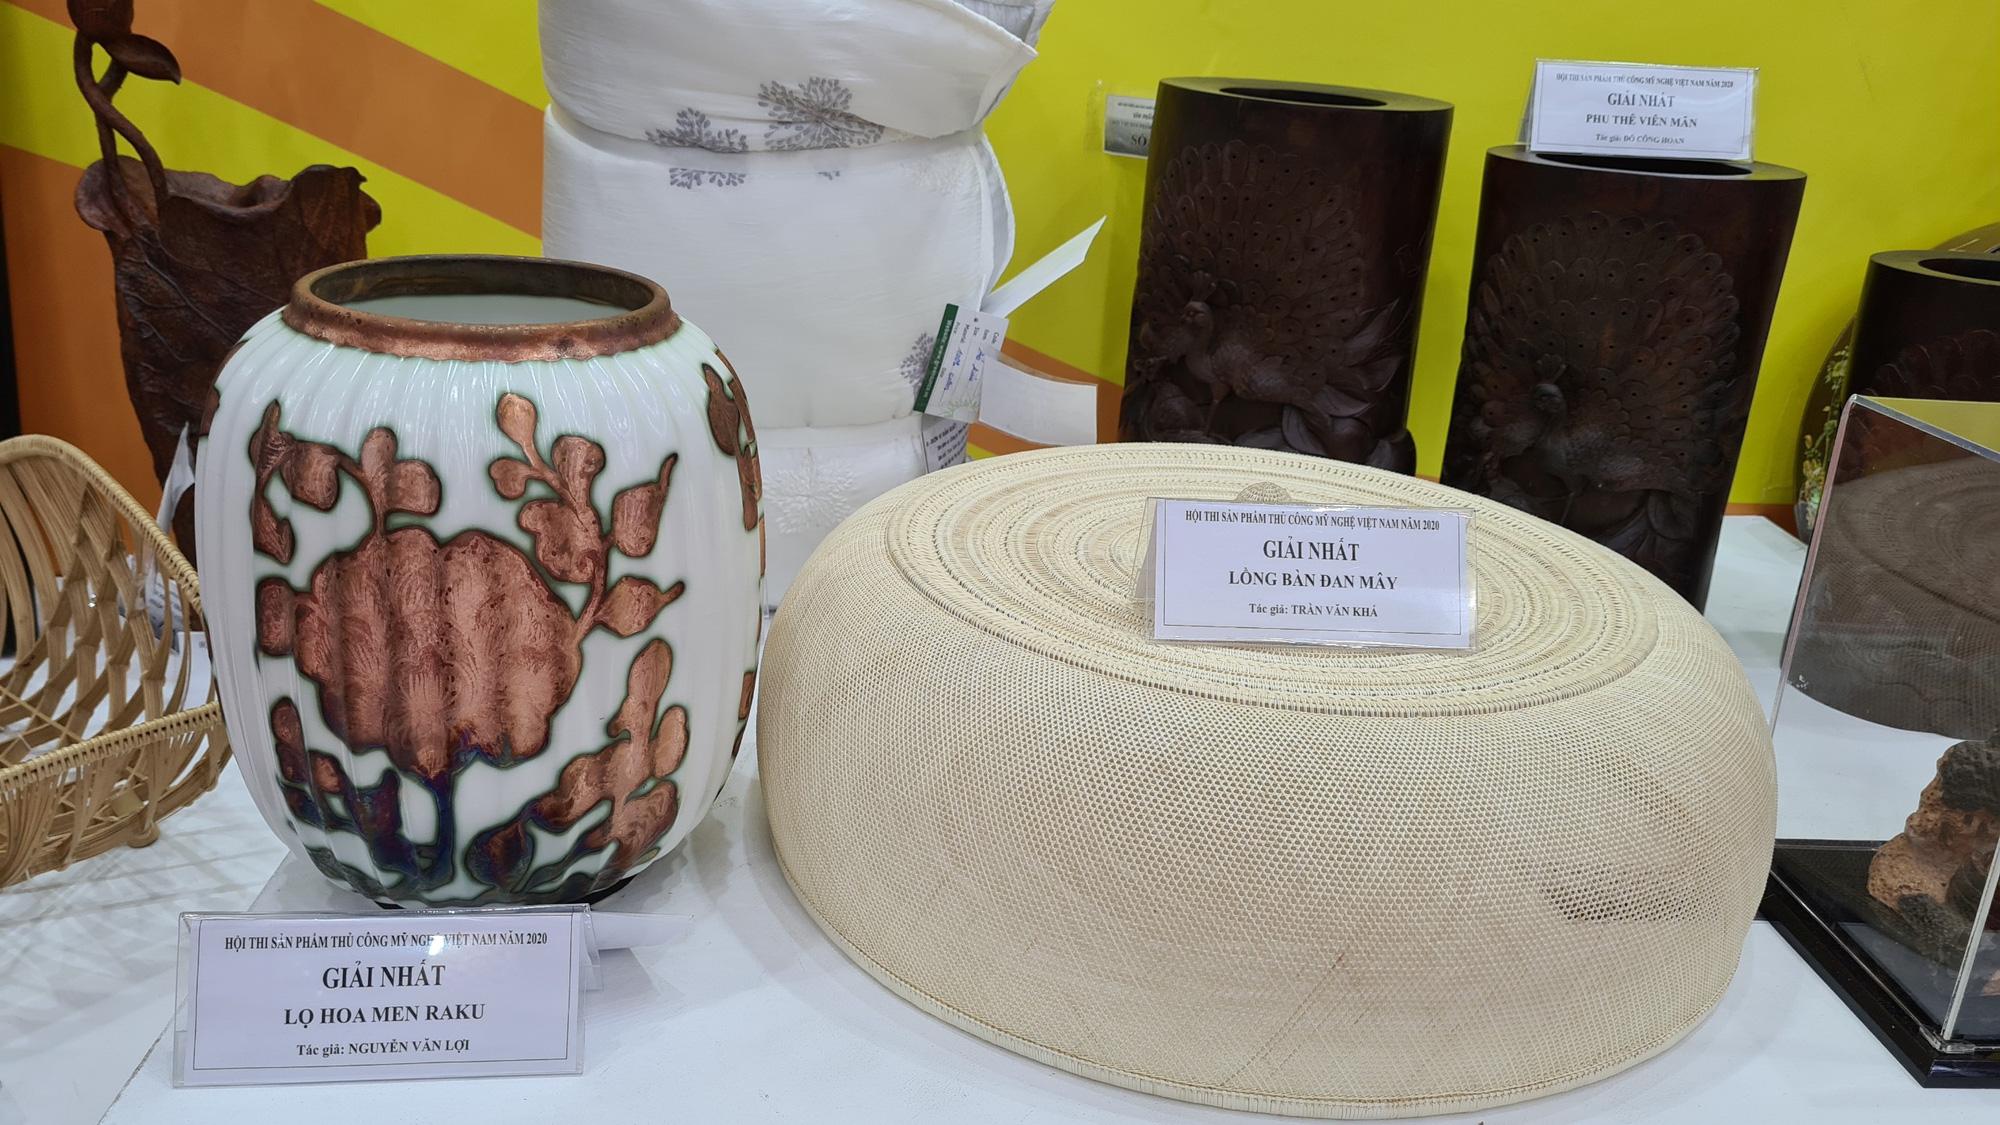 Lọ hoa men Raku là men gì mà được tôn vinh tại Hội thi sản phẩm thủ công mỹ nghệ năm 2020? - Ảnh 2.